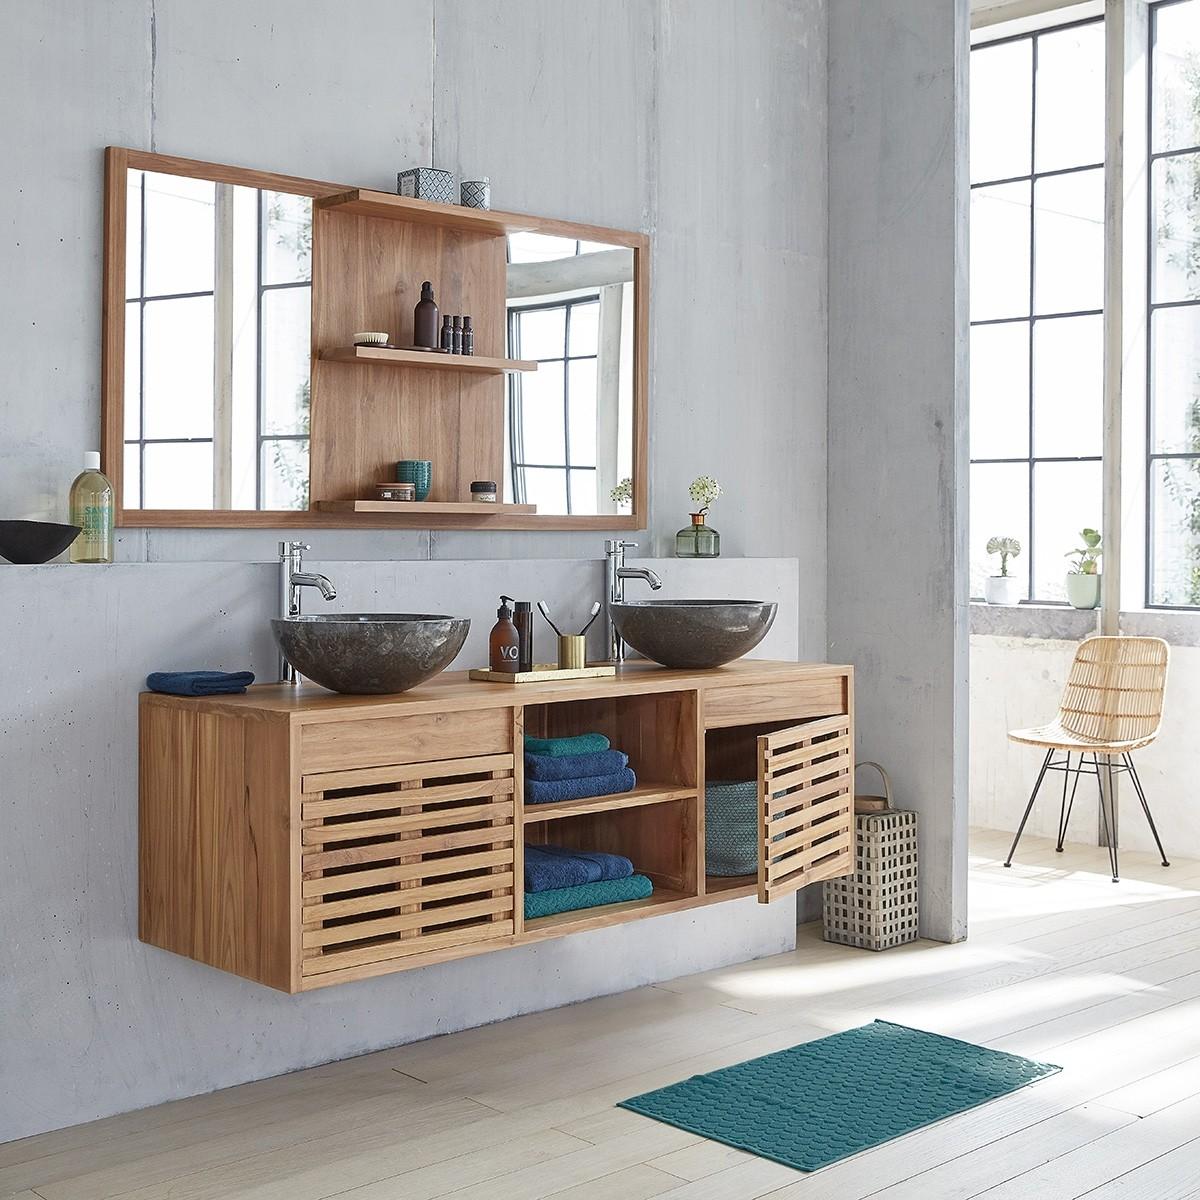 meuble de salle de bain en bois de teck suspendu 160 bois dessus bois dessous. Black Bedroom Furniture Sets. Home Design Ideas